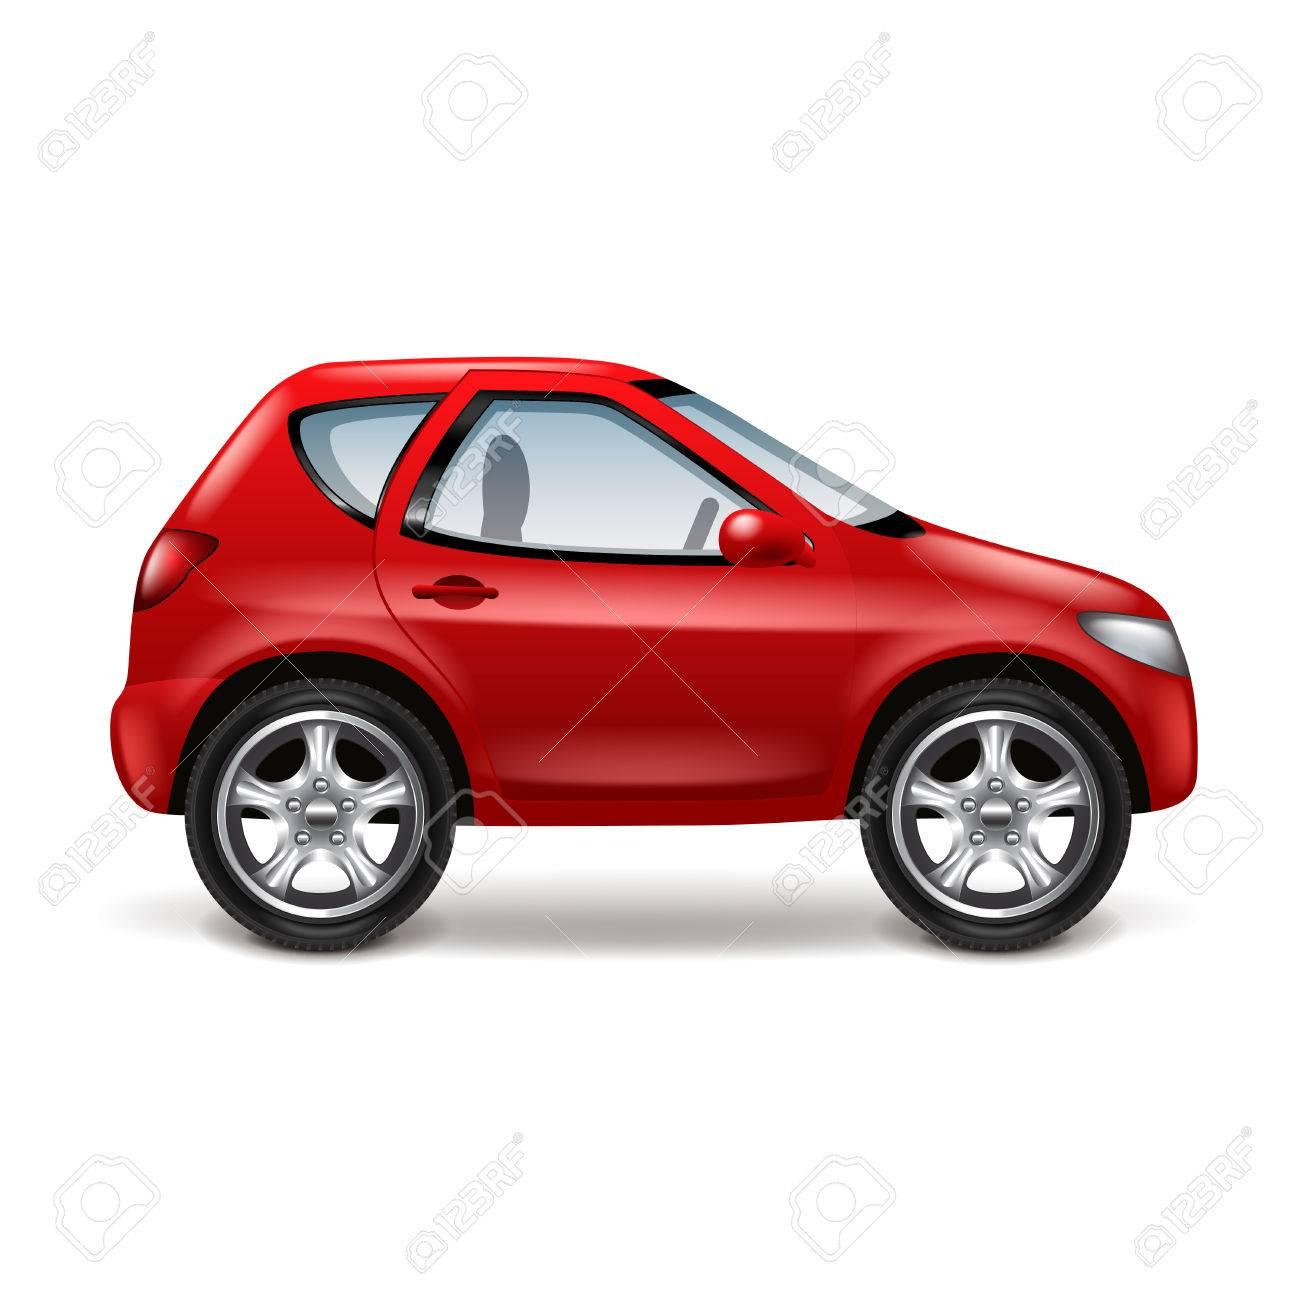 Rode Auto Profiel Geisoleerd Op Wit Vector Illustratie Royalty Vrije Cliparts Vectoren En Stock Illustratie Image 51562095